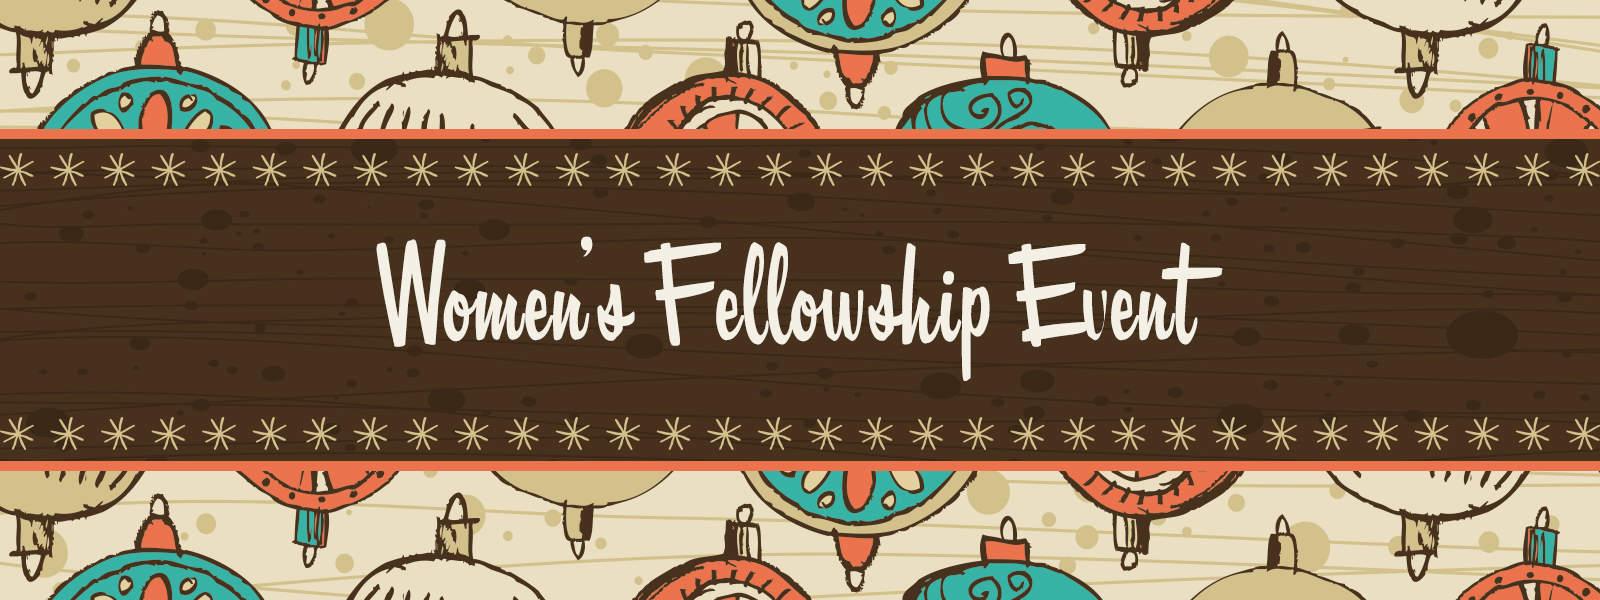 Women's Fellowship Event